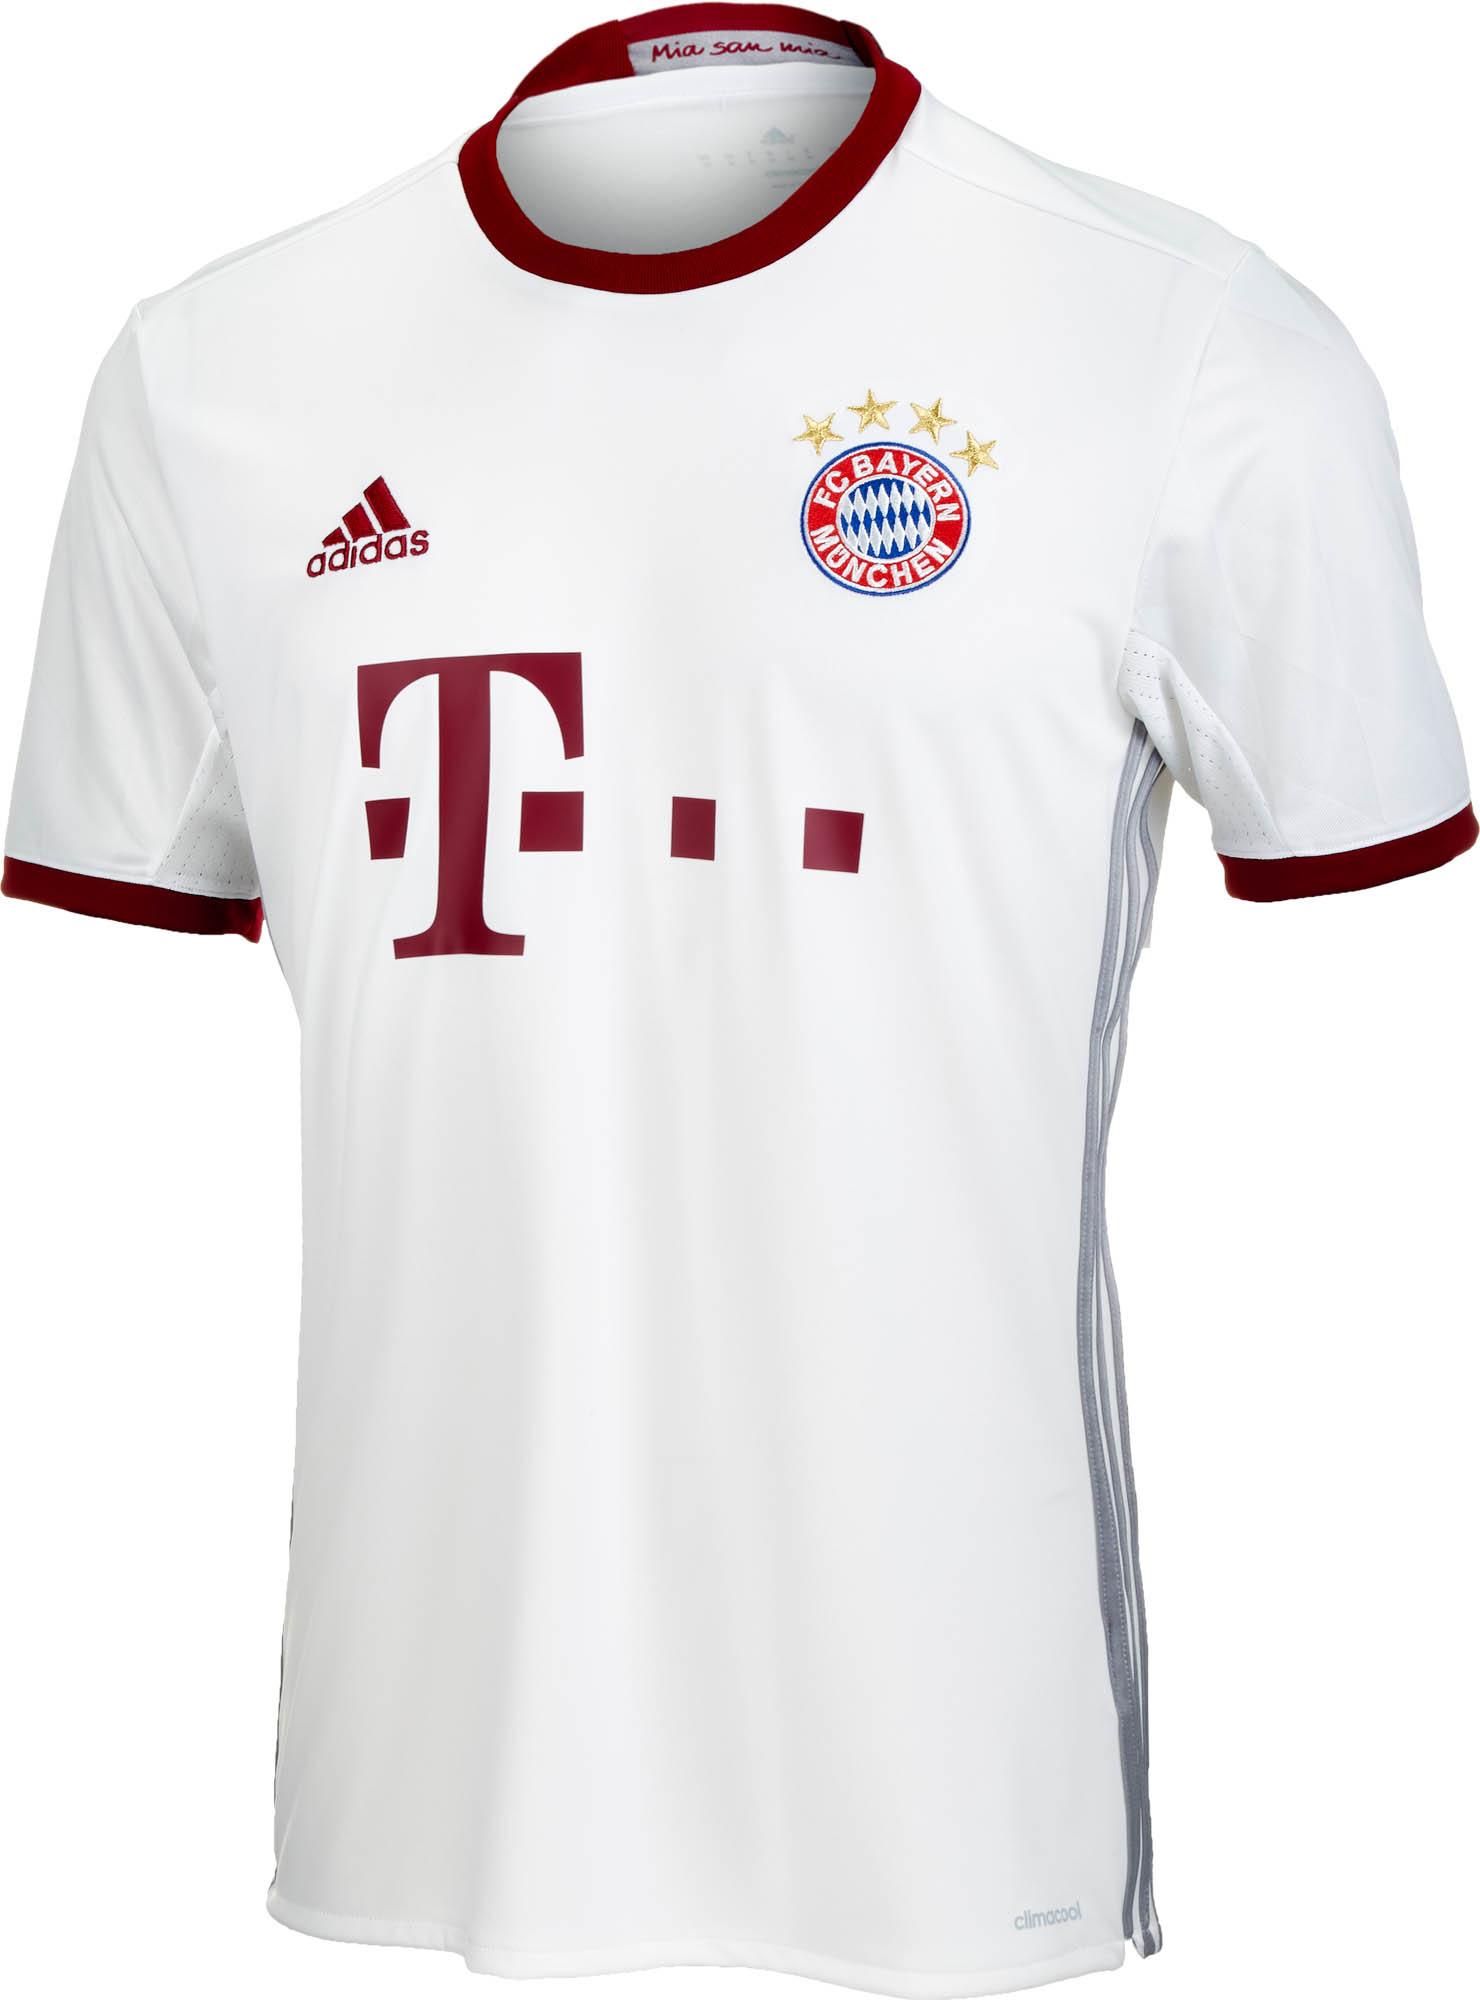 timeless design f2b64 d0f7c adidas Kids Bayern Munich 3rd Jersey - 2016 Bayern Munich ...